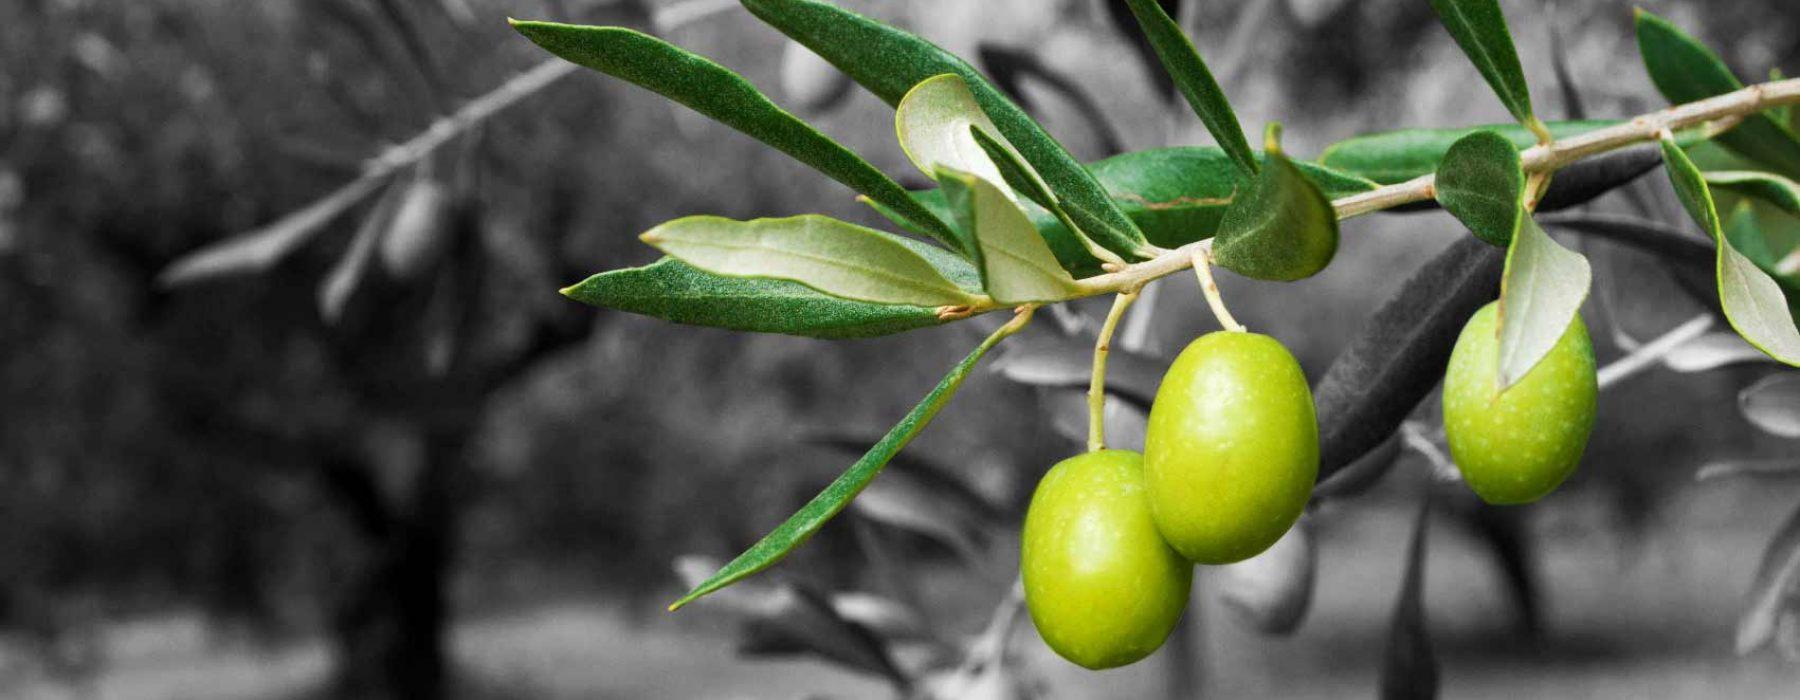 الذهب الأخضر لل Agro Pontino